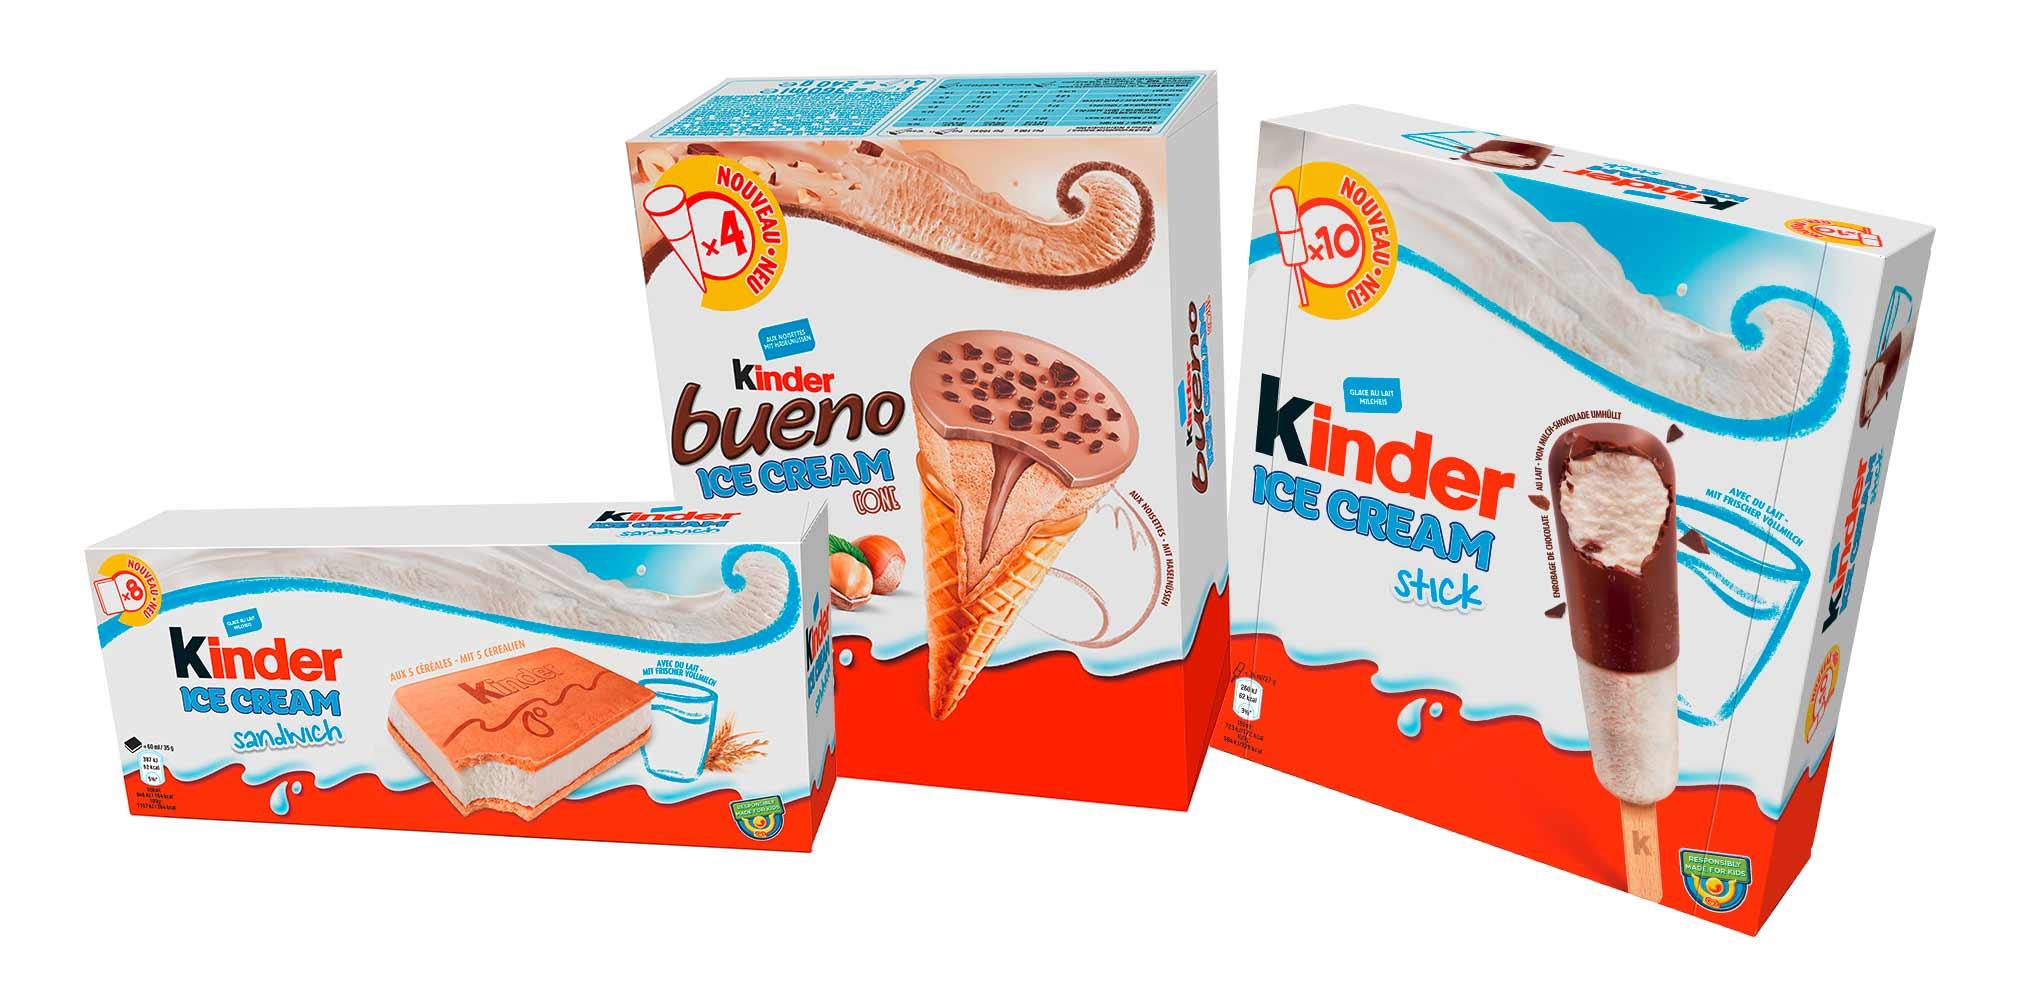 Seid die Ersten, die das neue kinder Milcheis kosten dürfen! kinder-icecream-eiscreme-eiszeit-kommt_02